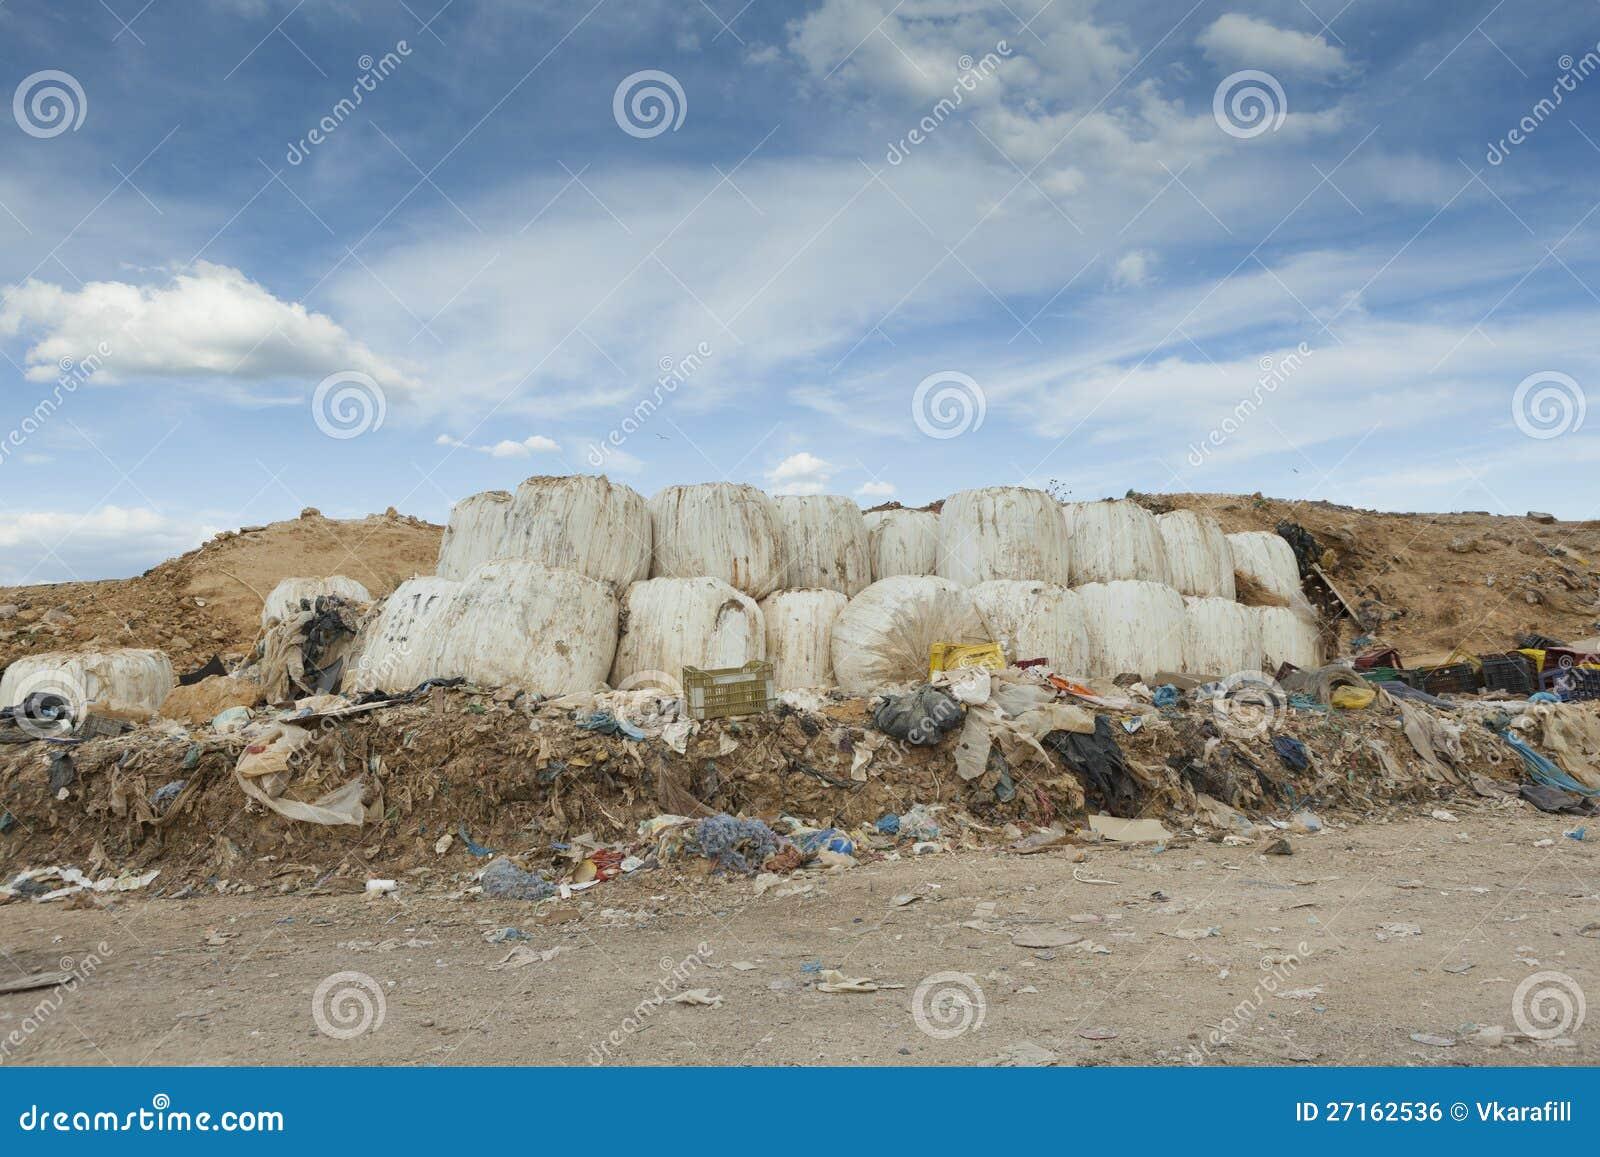 City s rubbish dump